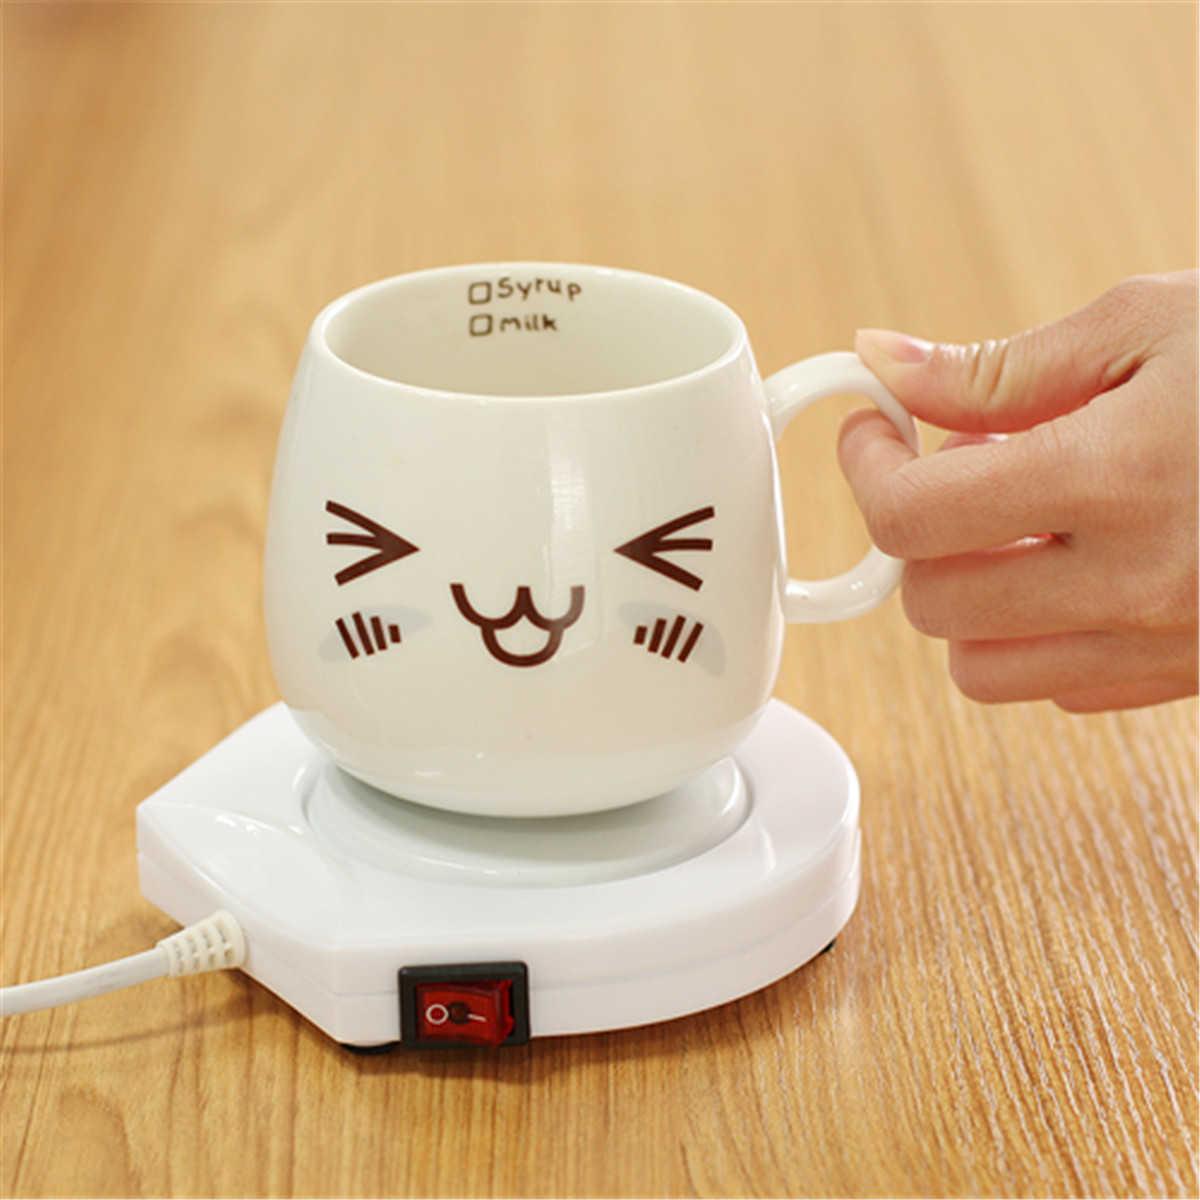 Подогреватель электрический 220 В, белый подогреватель, подогреватель для кофе, чая, молока, кружка для офиса, кухни, дома